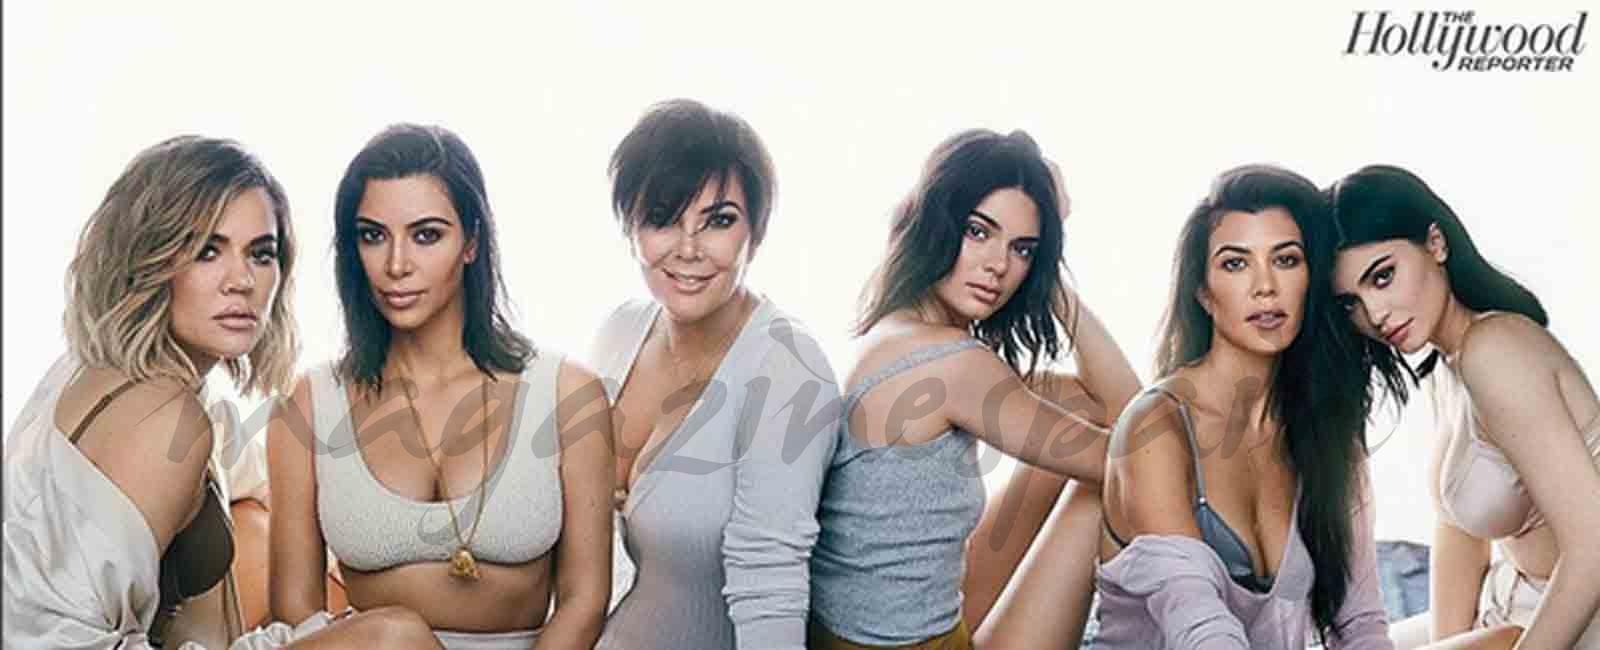 Las Kardashian reciben 100 millones de dólares para seguir haciendo su reality show